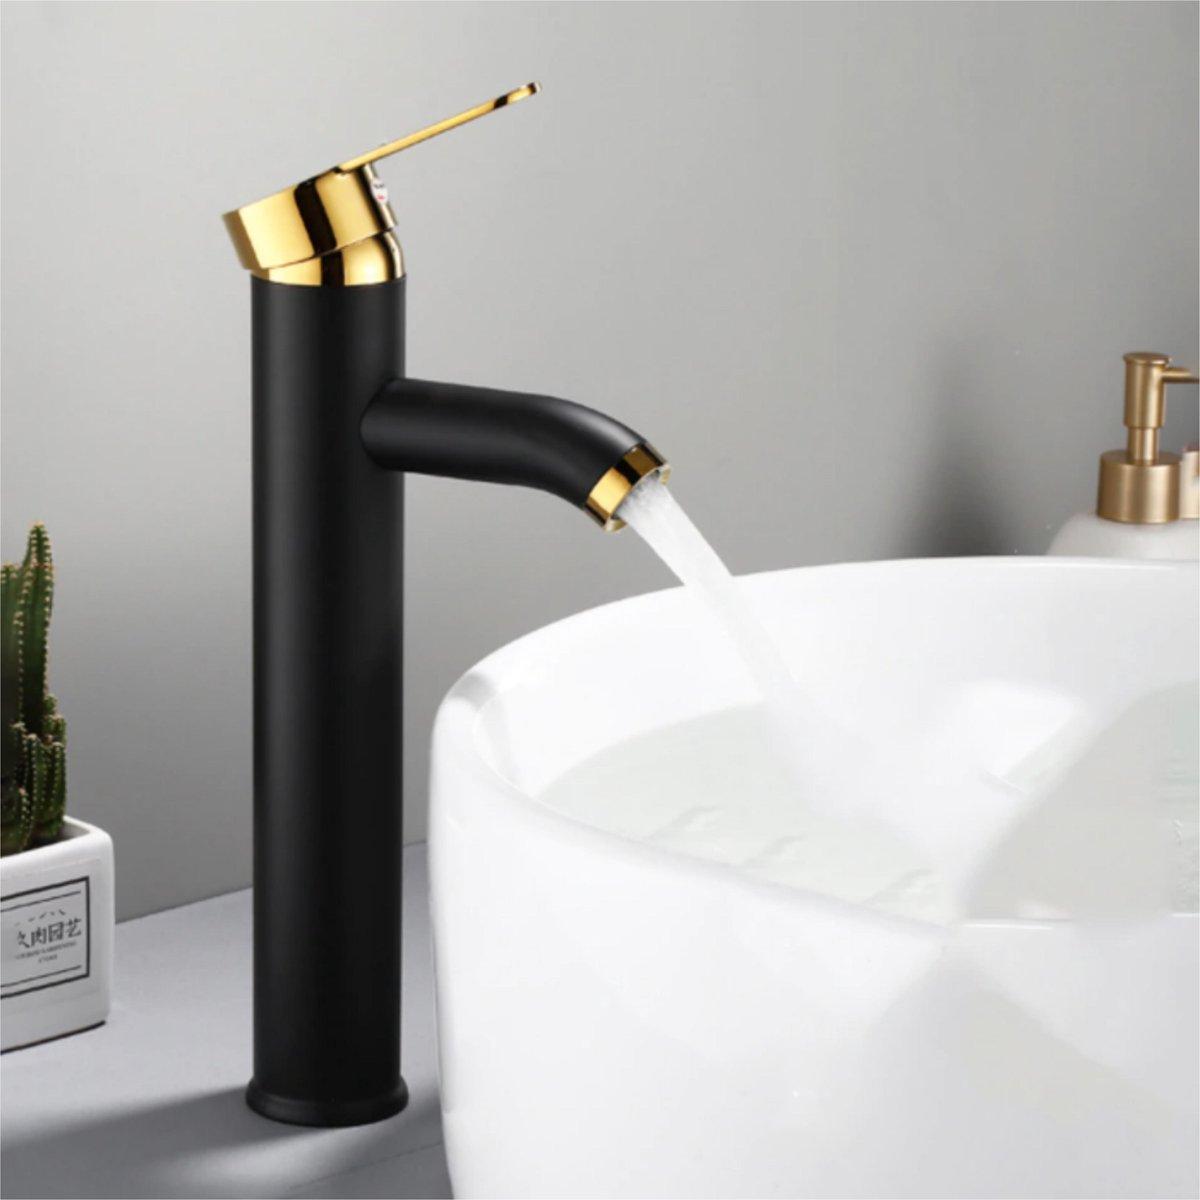 GIMAXX Luxe Wastafelkraan - Zwarte Keukenkraan Gouden Handgreep - Hoge Badkamerkraan - Hoogwaardige Badkamerkraan - Geschikt voor Warm & Koud Water - Goud/Zwart - Hoog